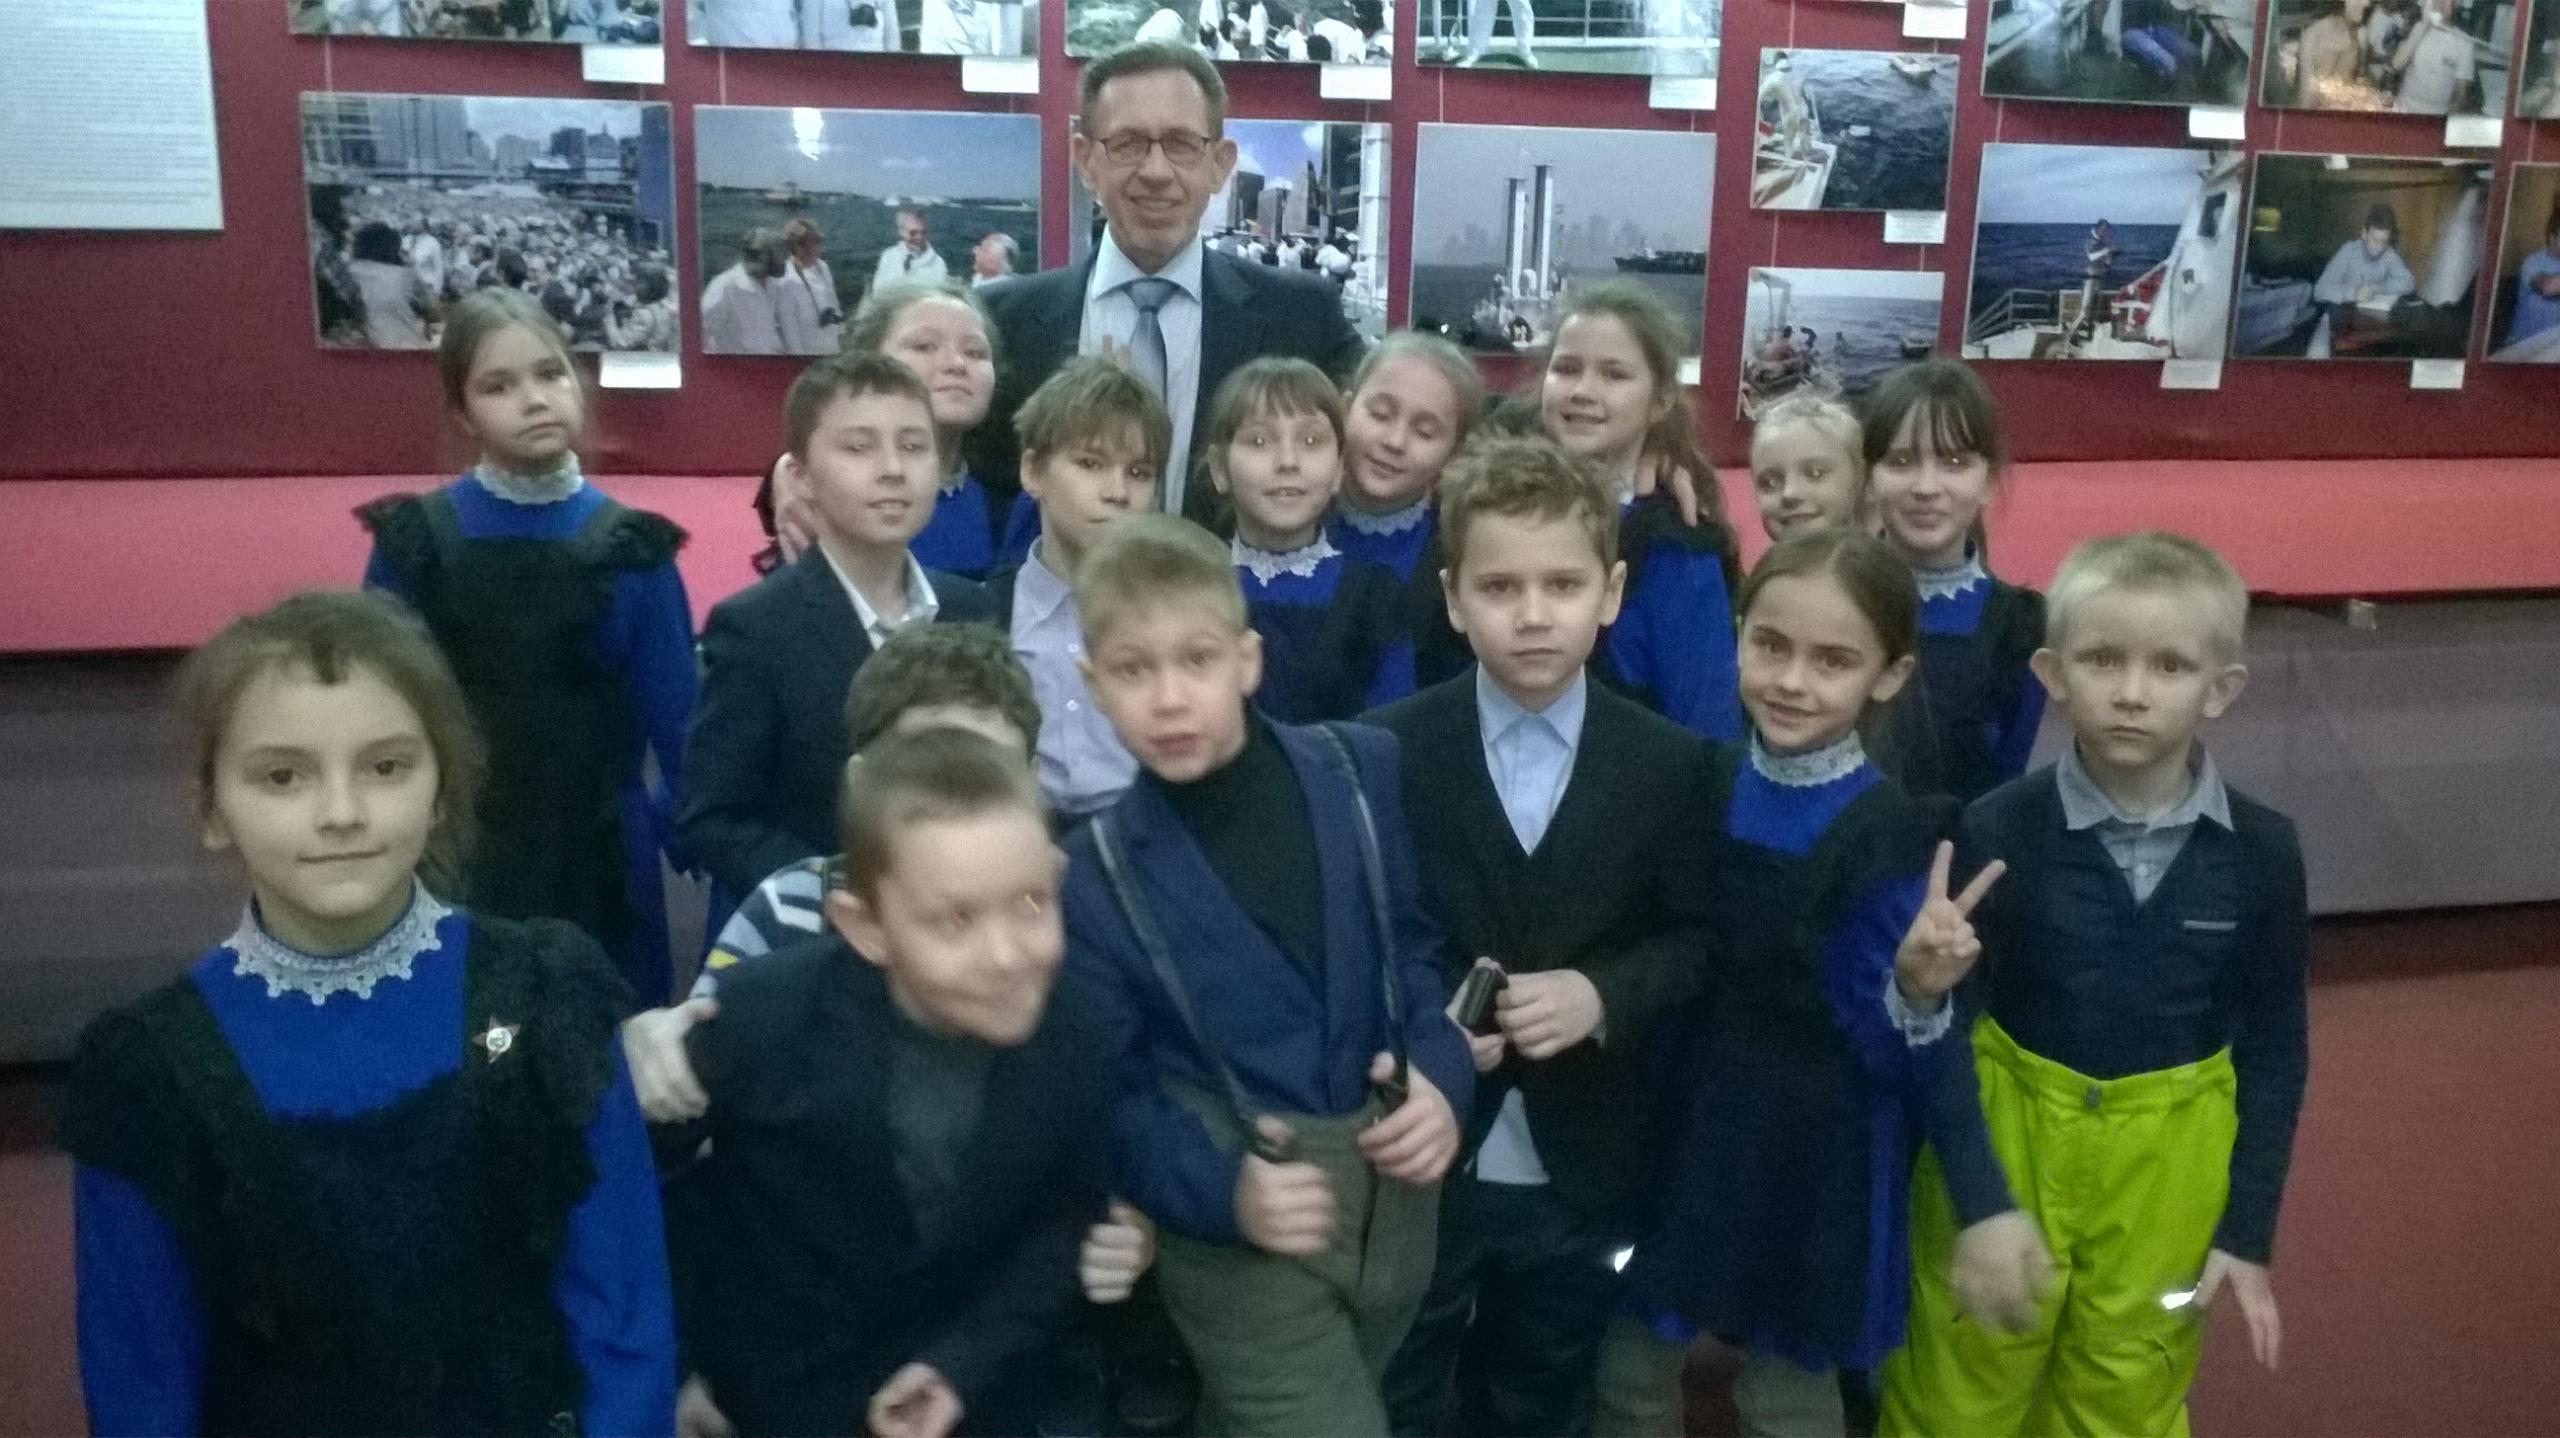 На выставке Неизвестный легендарный Кусто в Ульяновске. Владимир Кривошеев и ульяновские школьники после экскурсии